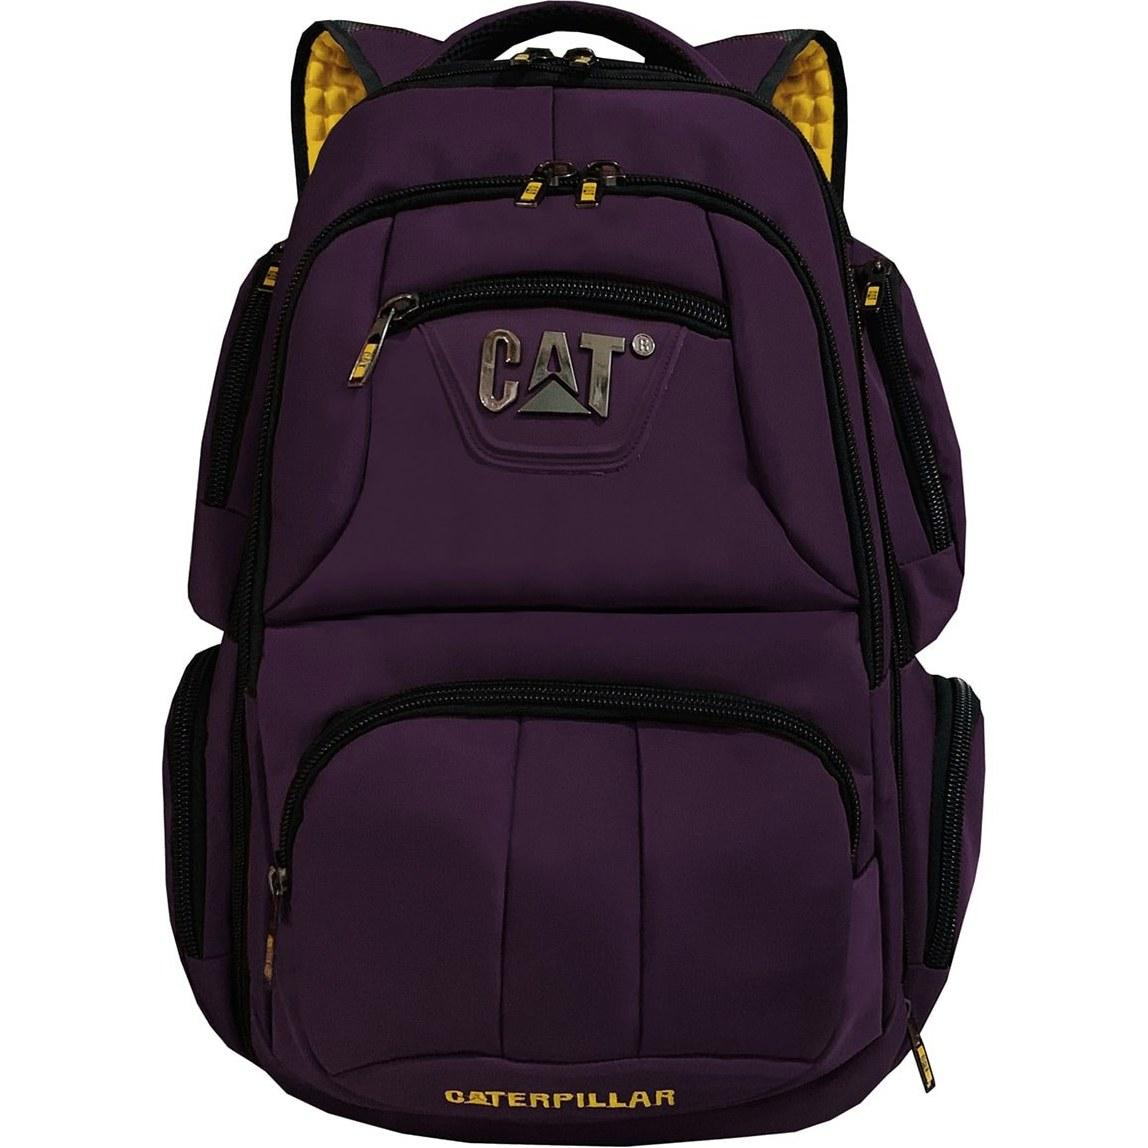 کوله پشتی لپ تاپ کاترپیلار CAT-8422